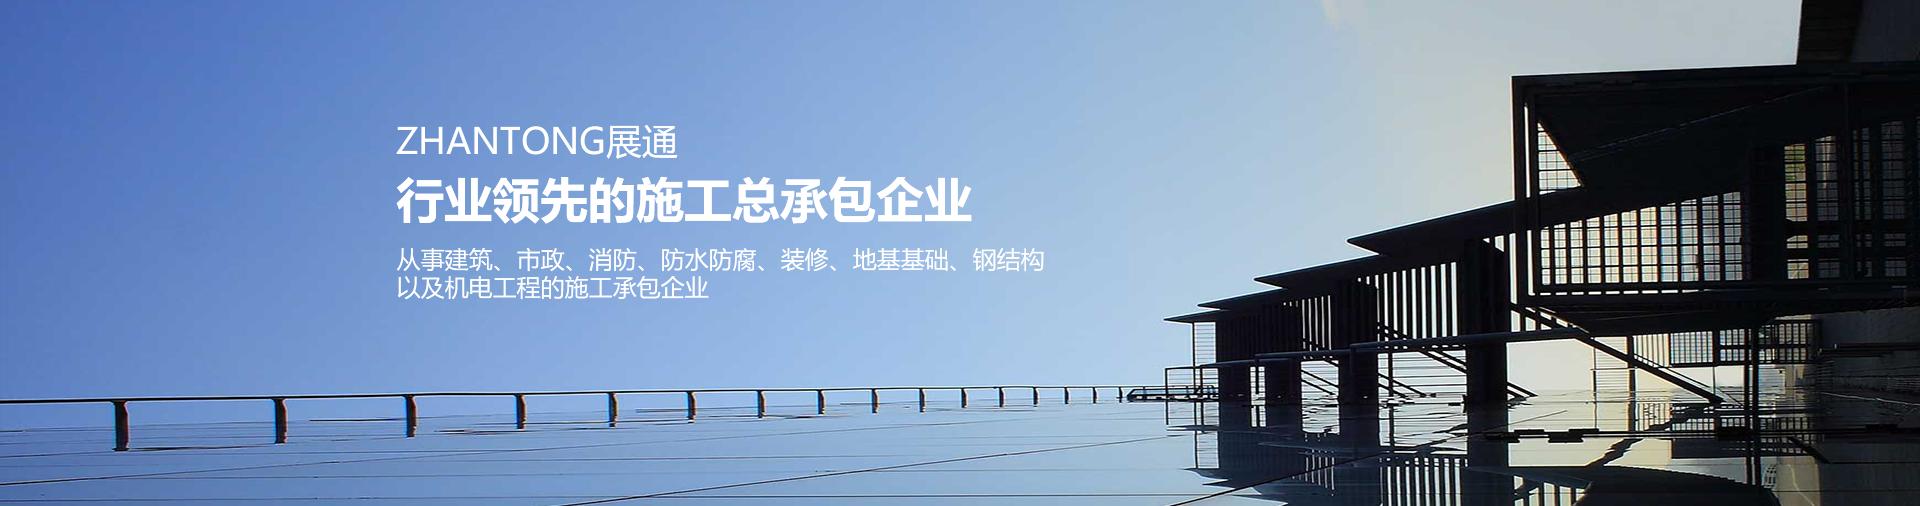 江苏展通建设有限公司